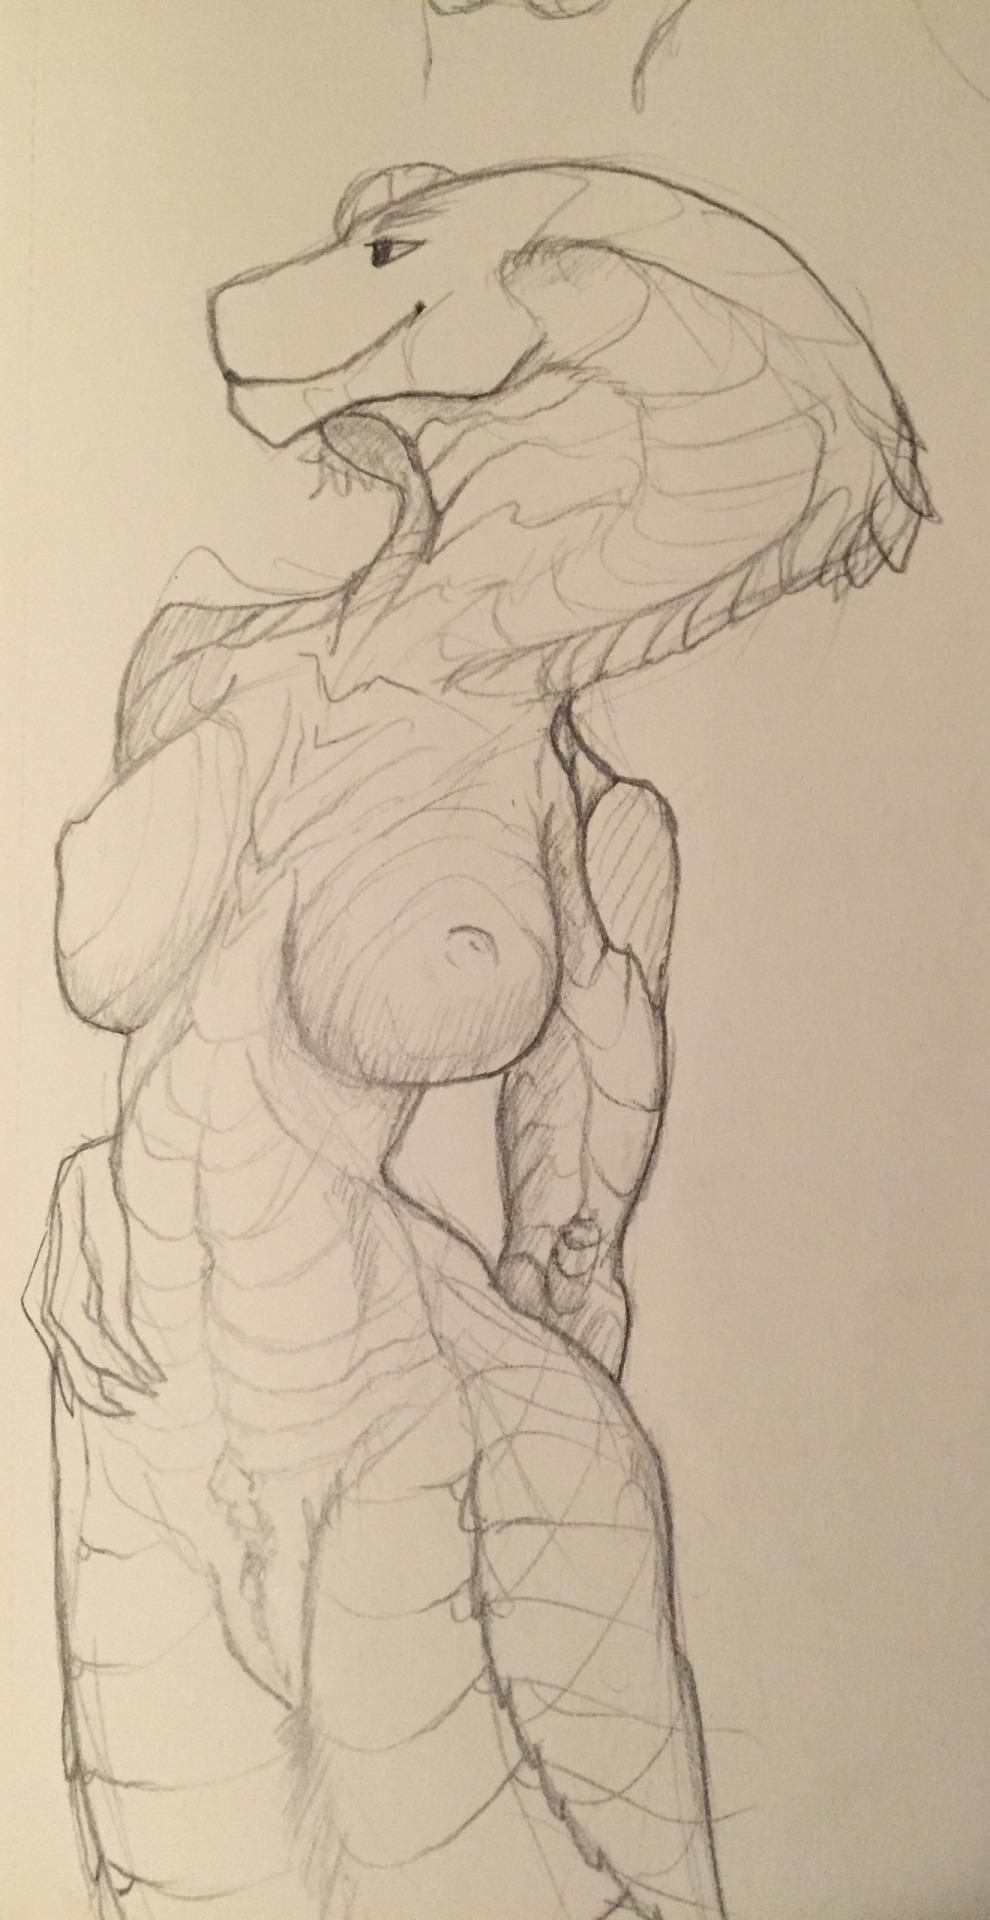 viper x-com 2 Under(her)tail comic